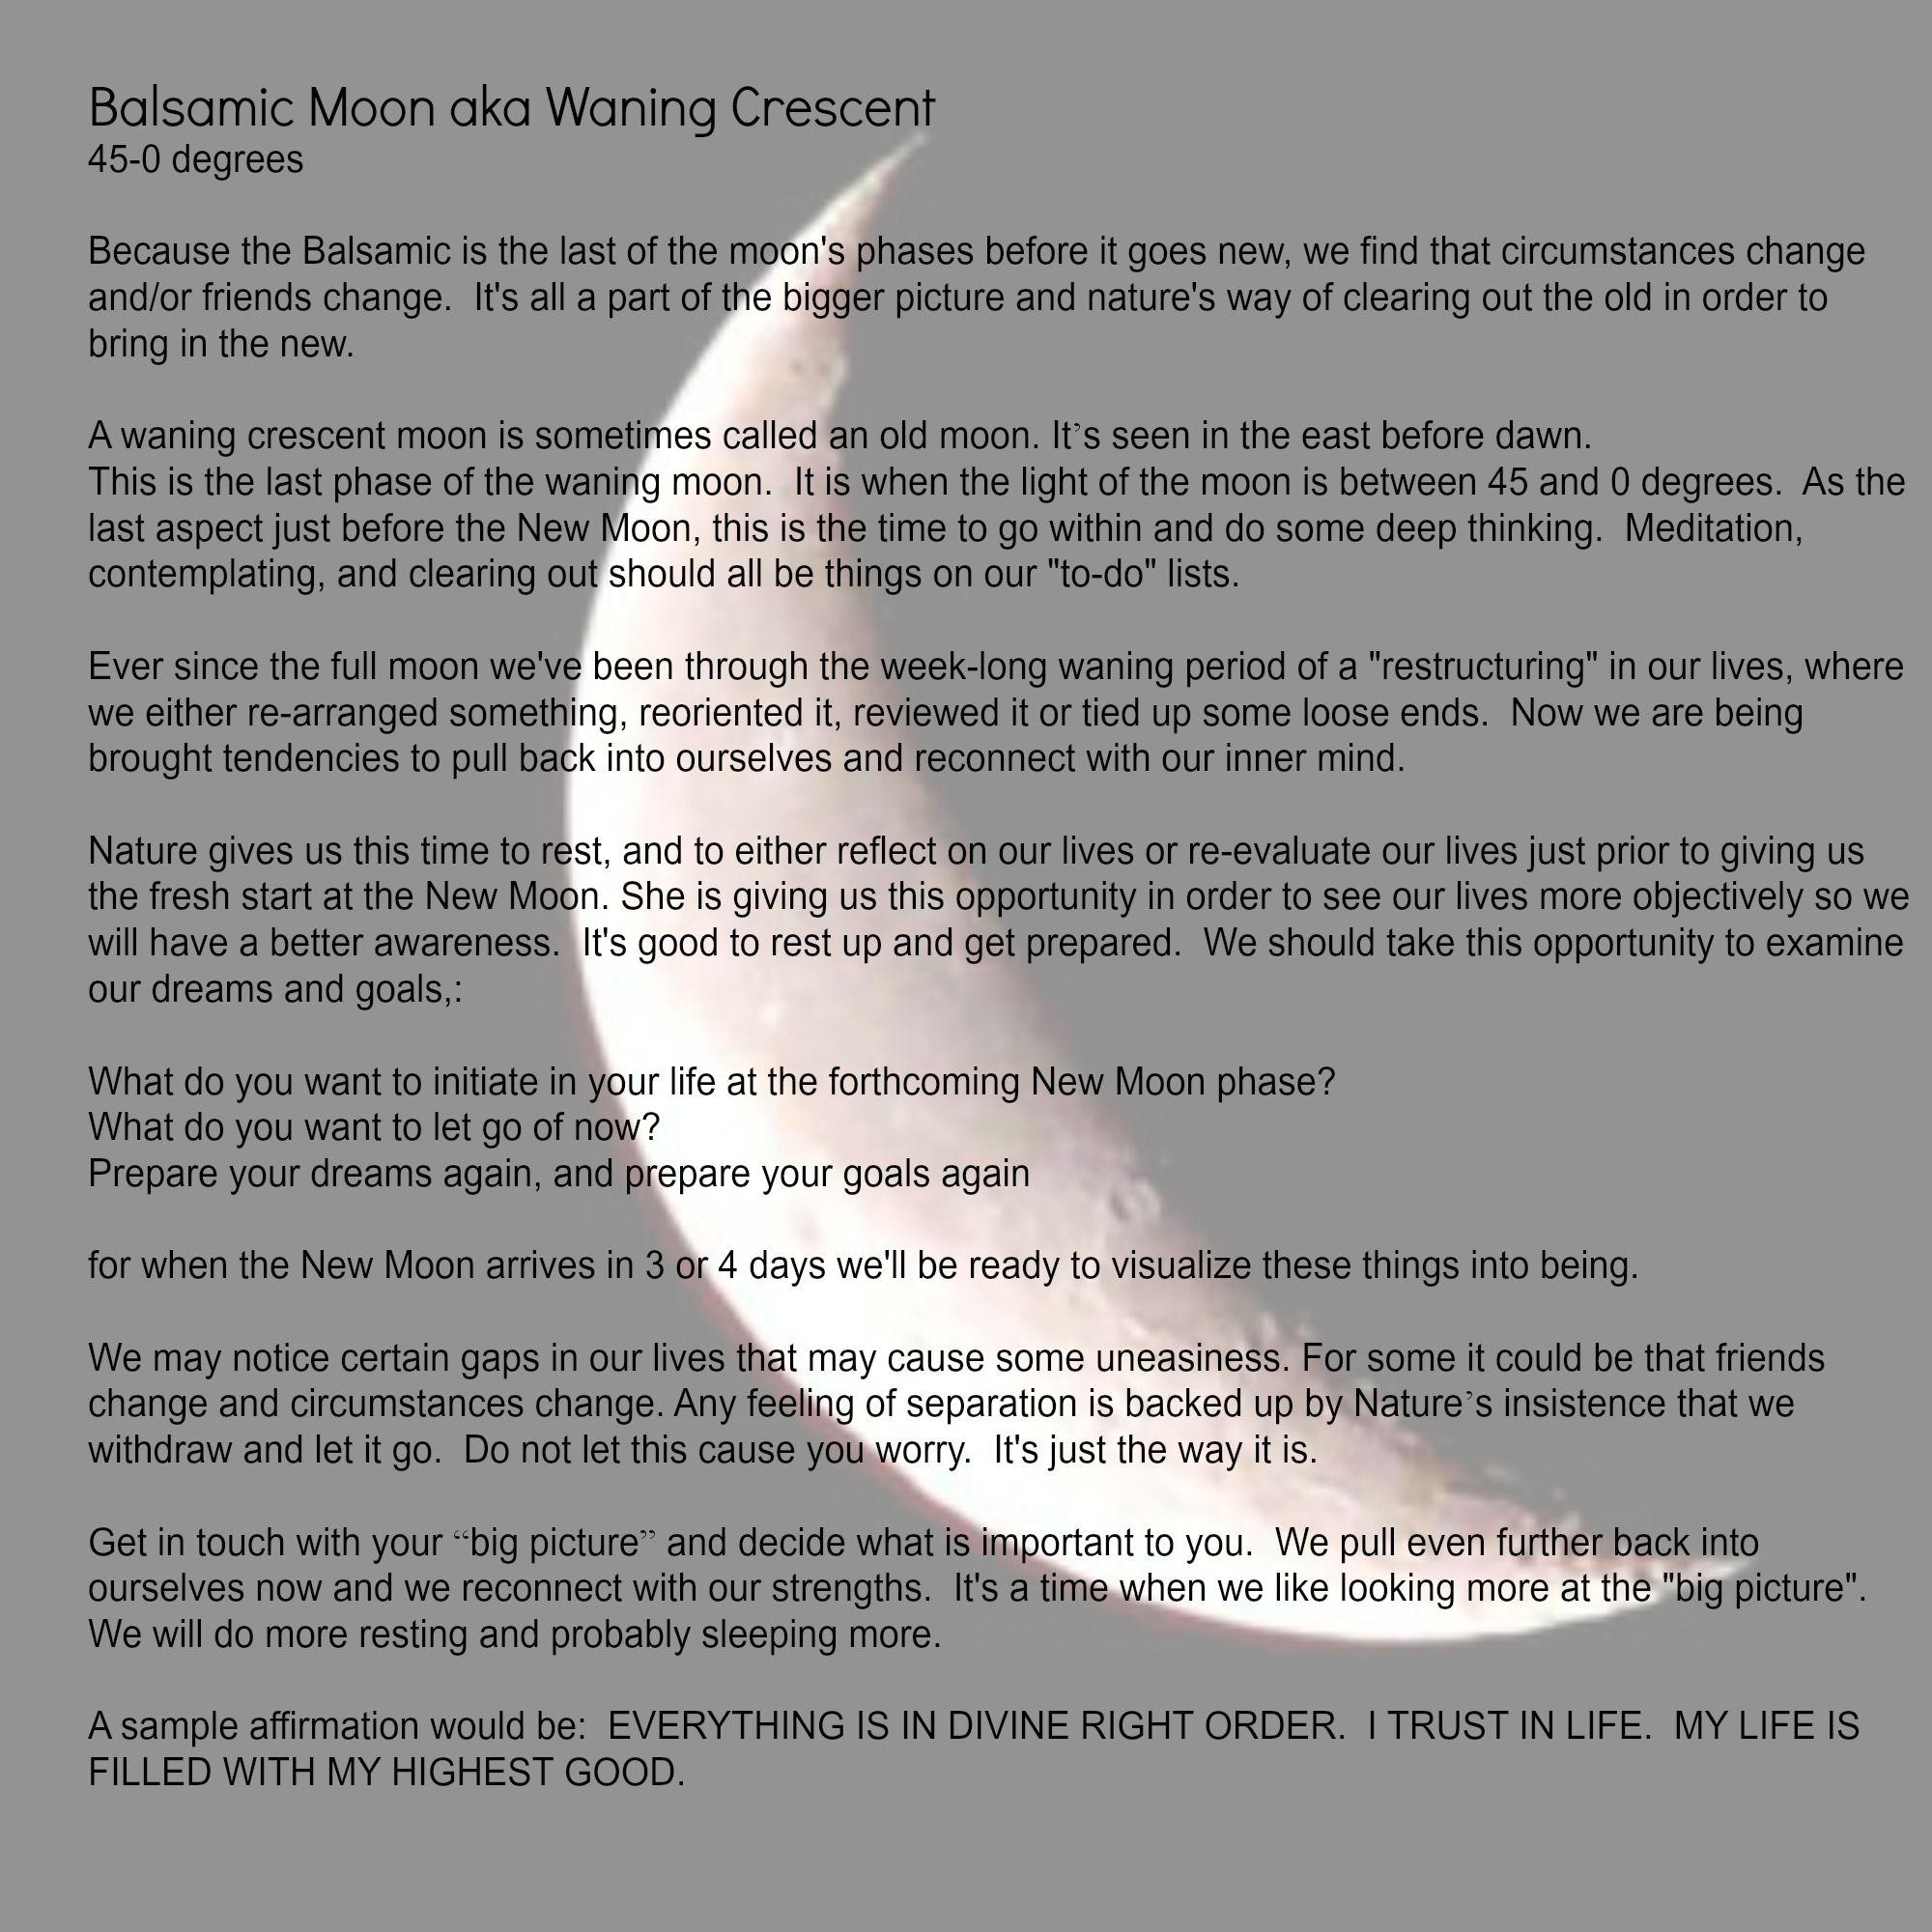 Balsamic Moon aka Waning Crescent | Moon | Cresent moon, Moon, Moon